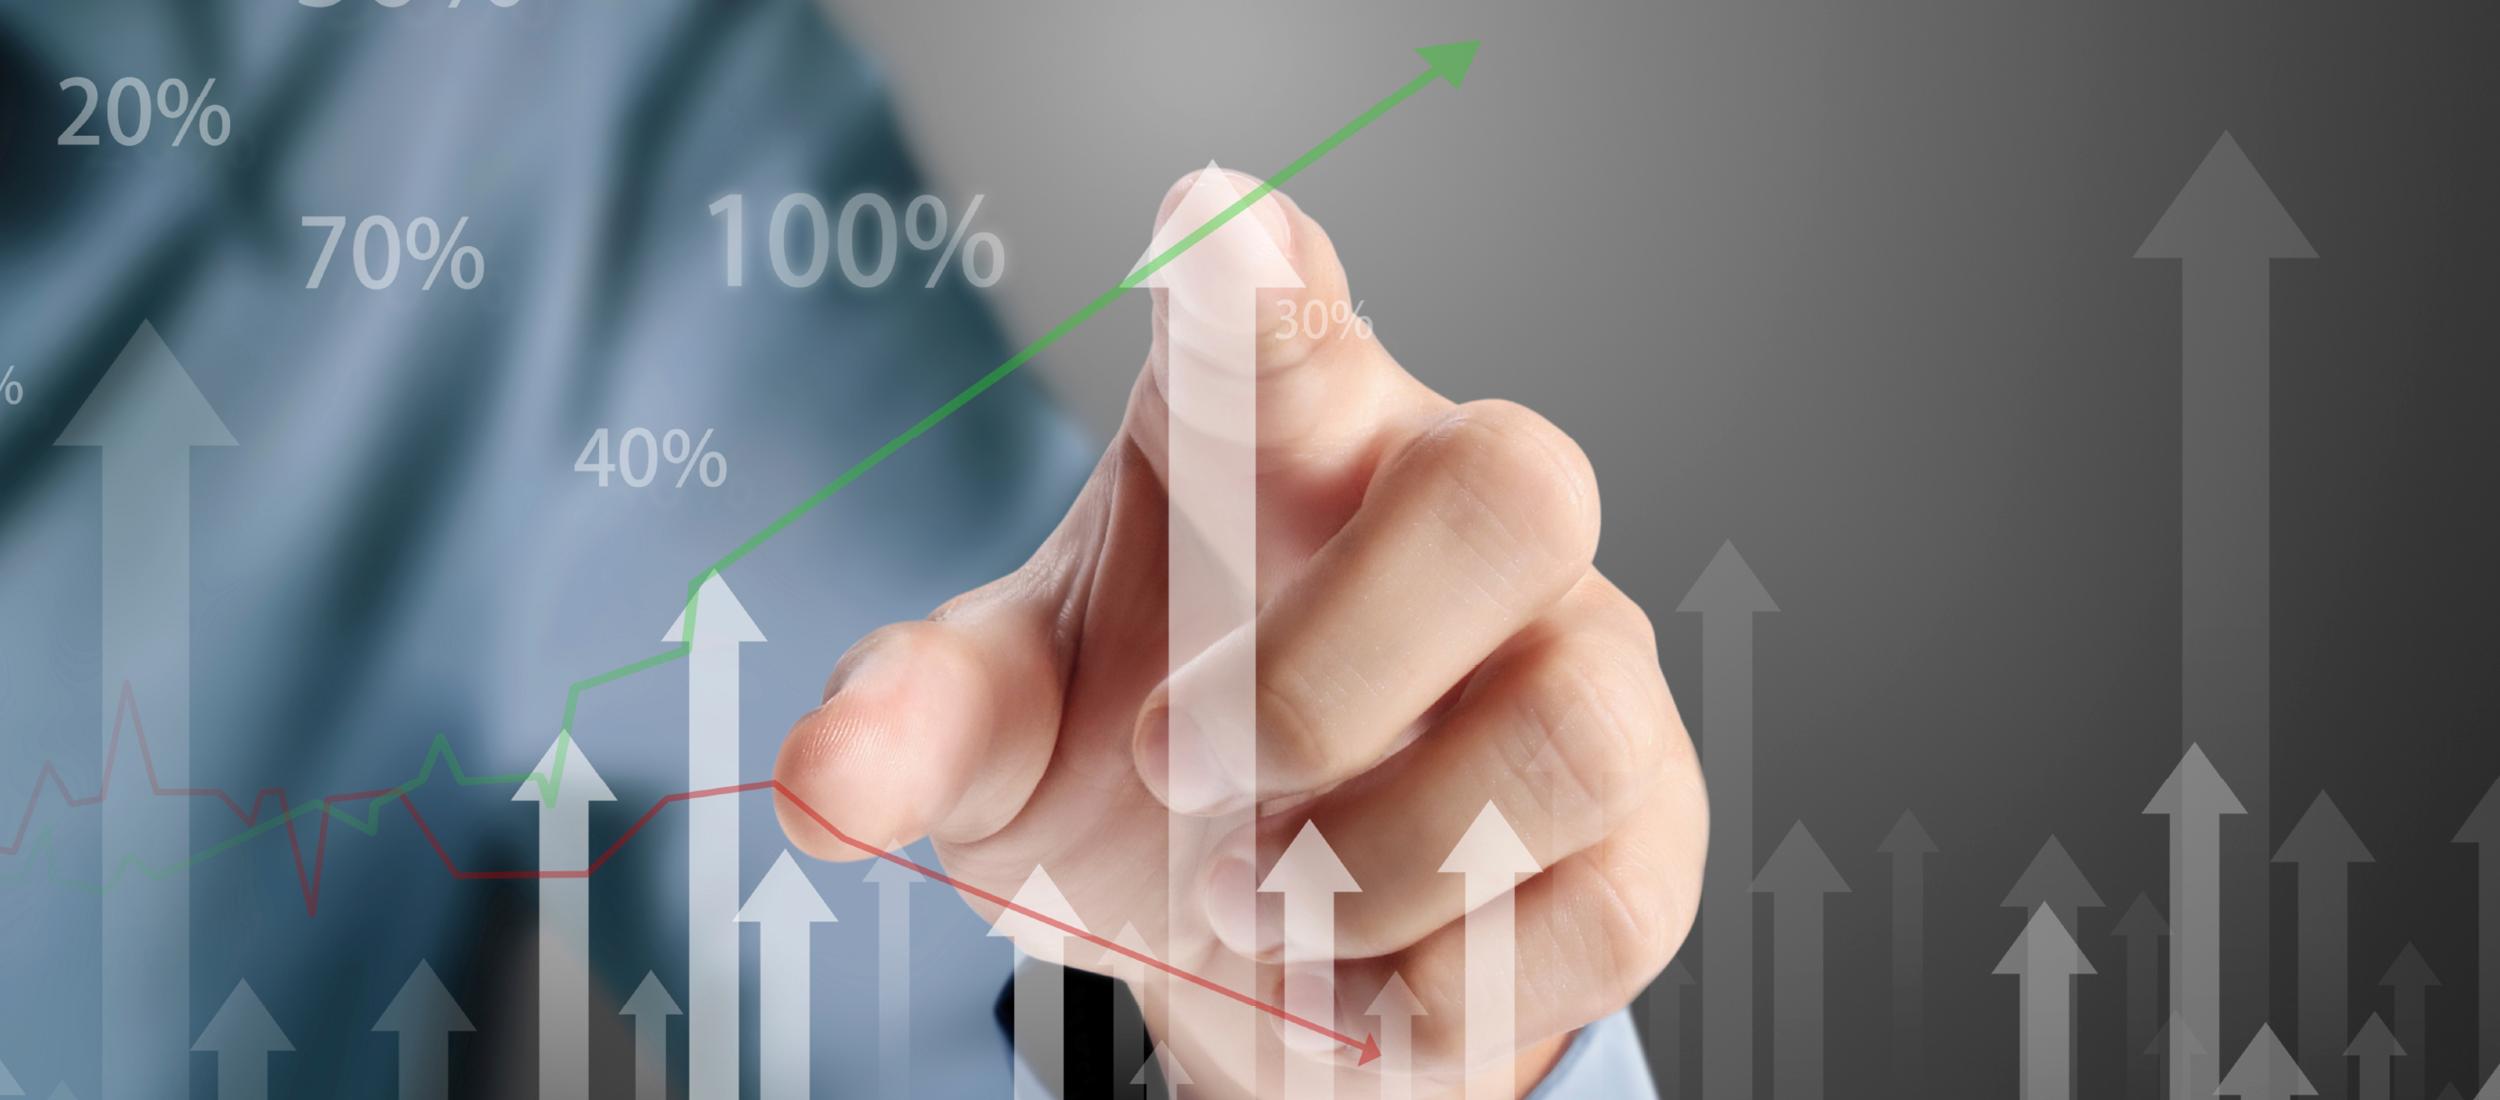 phù thuỷ marketing tư vấn setup tái cấu trúc doanh nghiệp